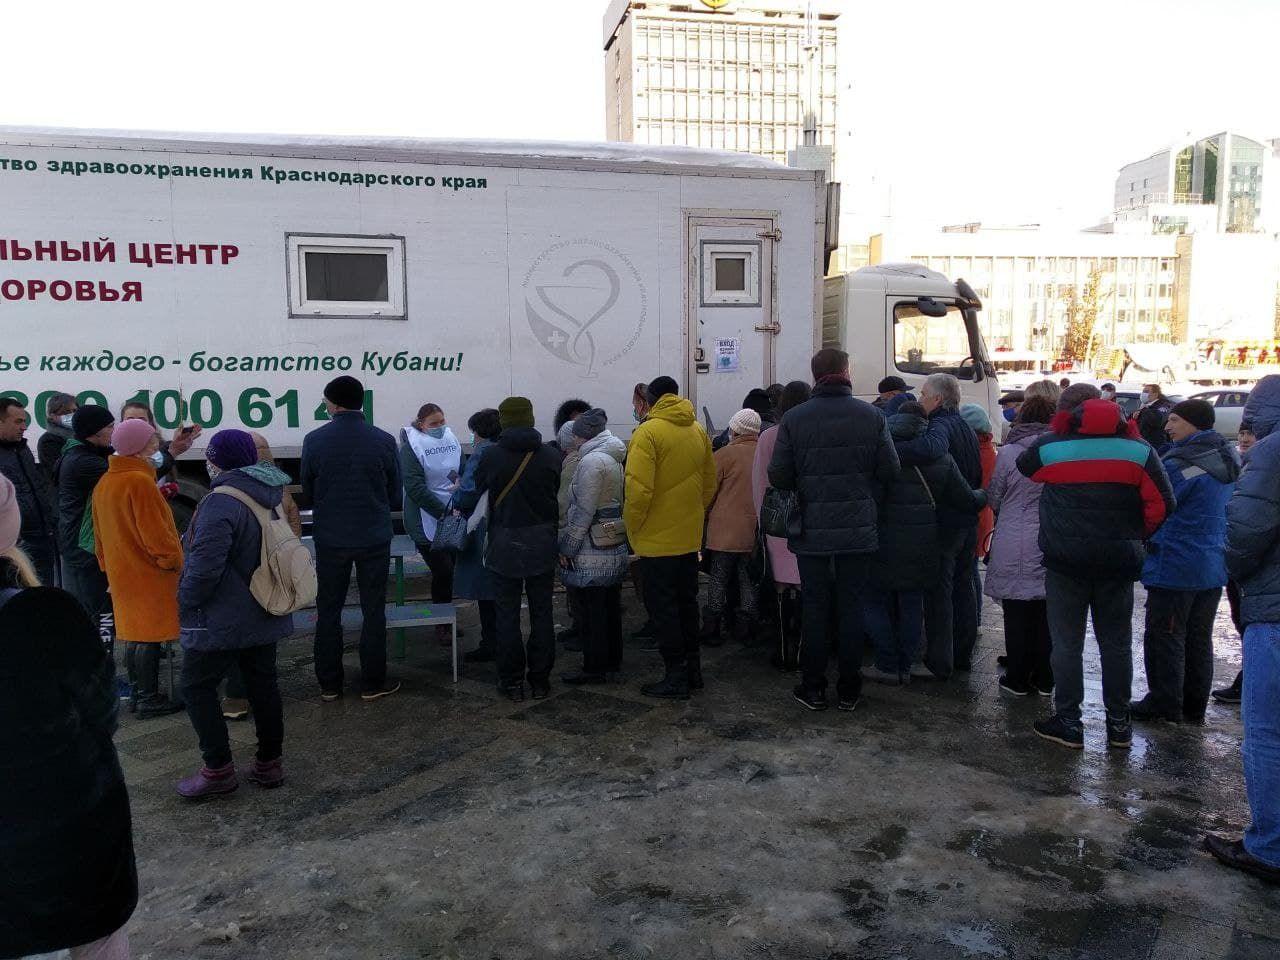 Очередь в мобильный пункт вакцинации ©Фото Юга.ру